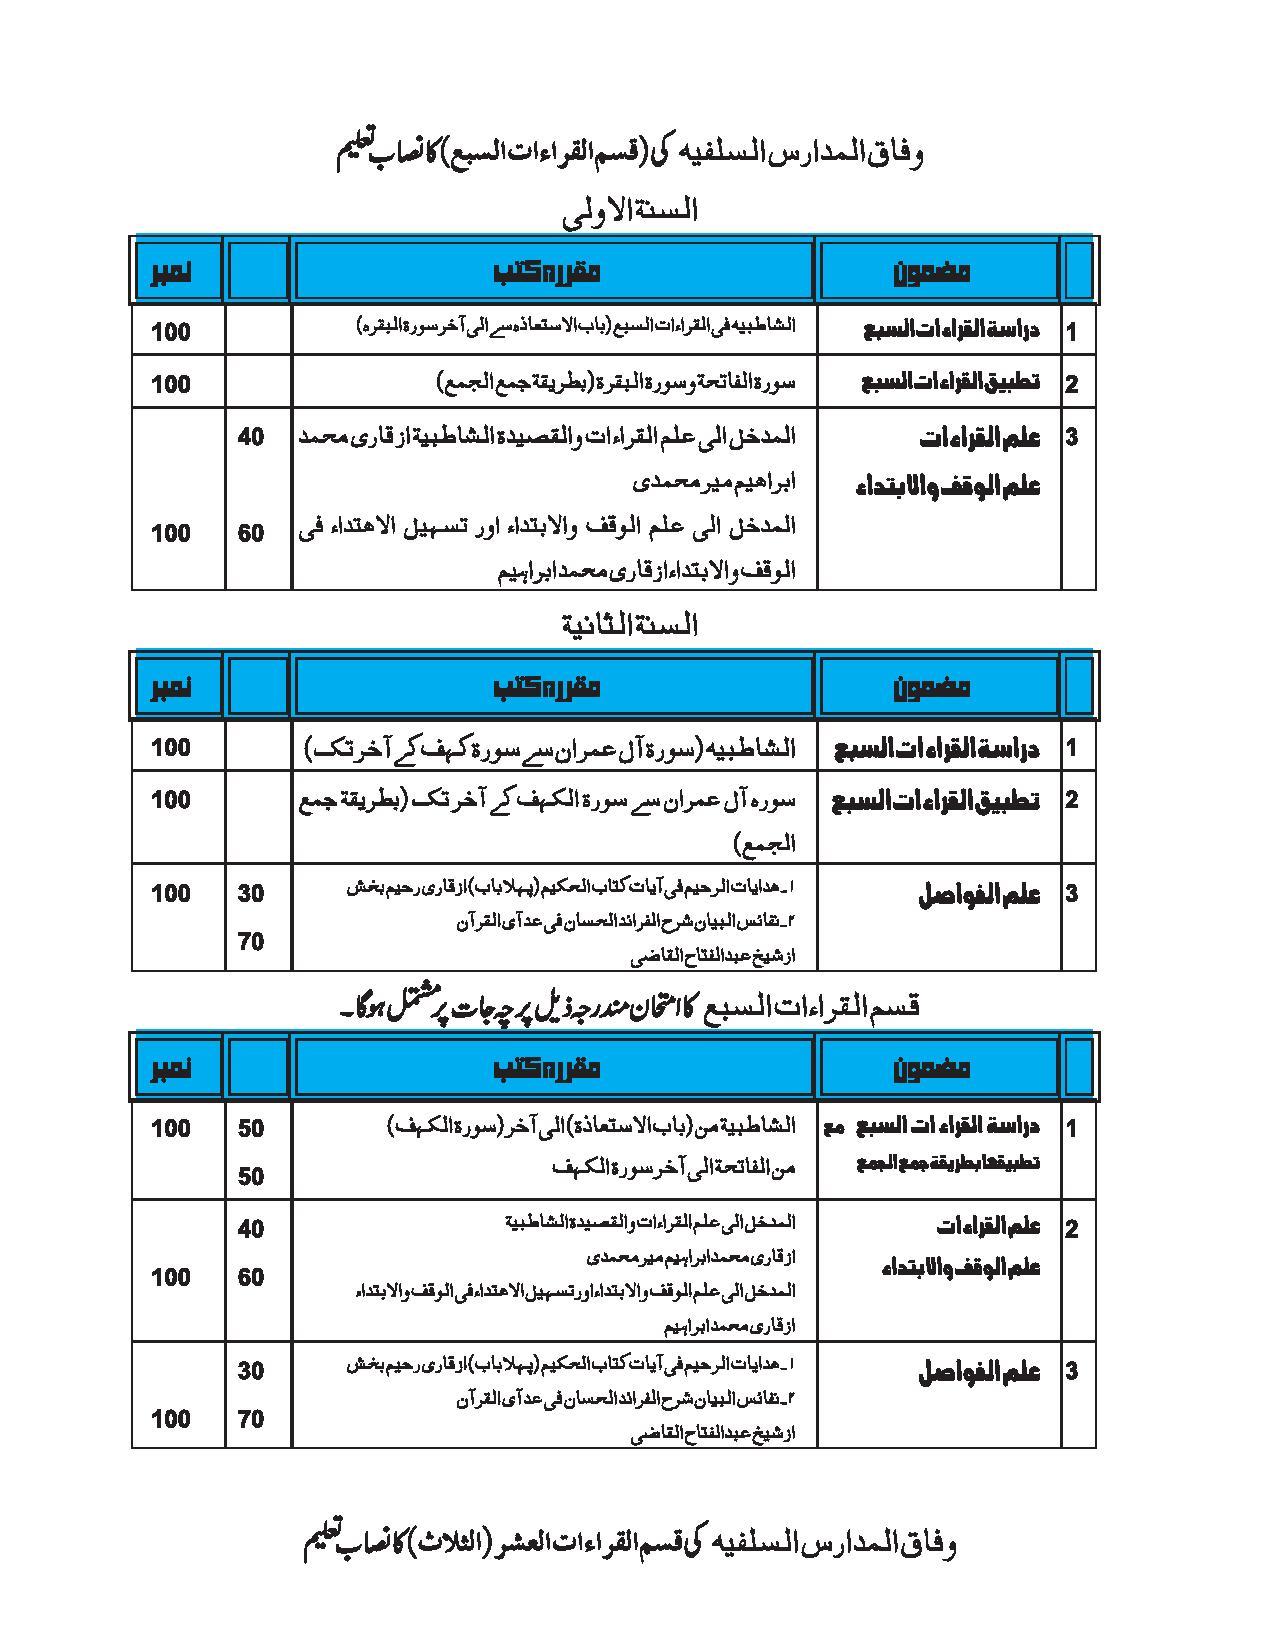 nisab-page-002